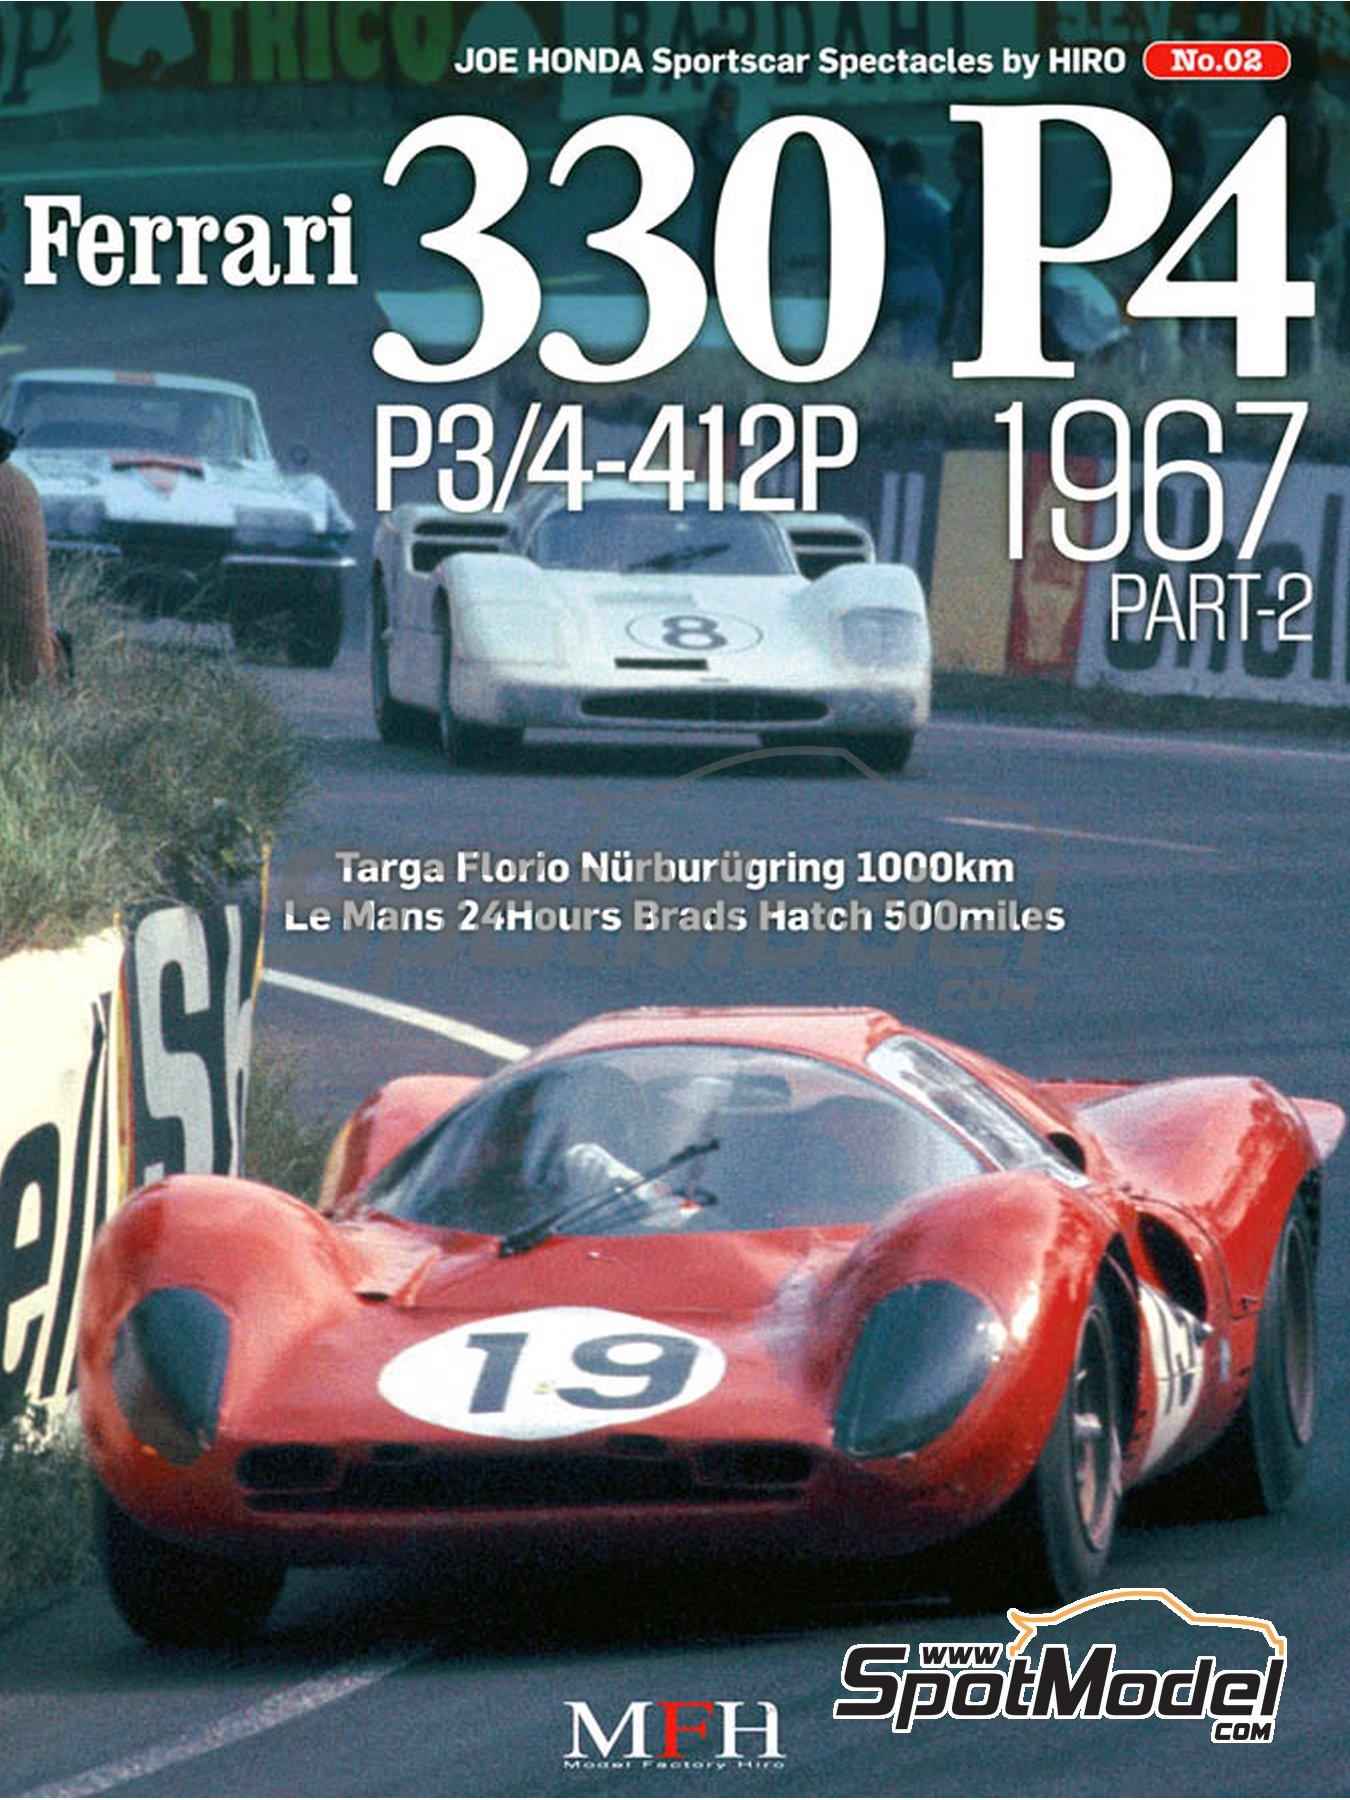 JOE HONDA - Sportcar Spectacles - Ferrari 330P4 P3/4 - 412P - Parte Segunda -  1967 | Libro de referencia fabricado por Model Factory Hiro (ref.MFH-SS002) image